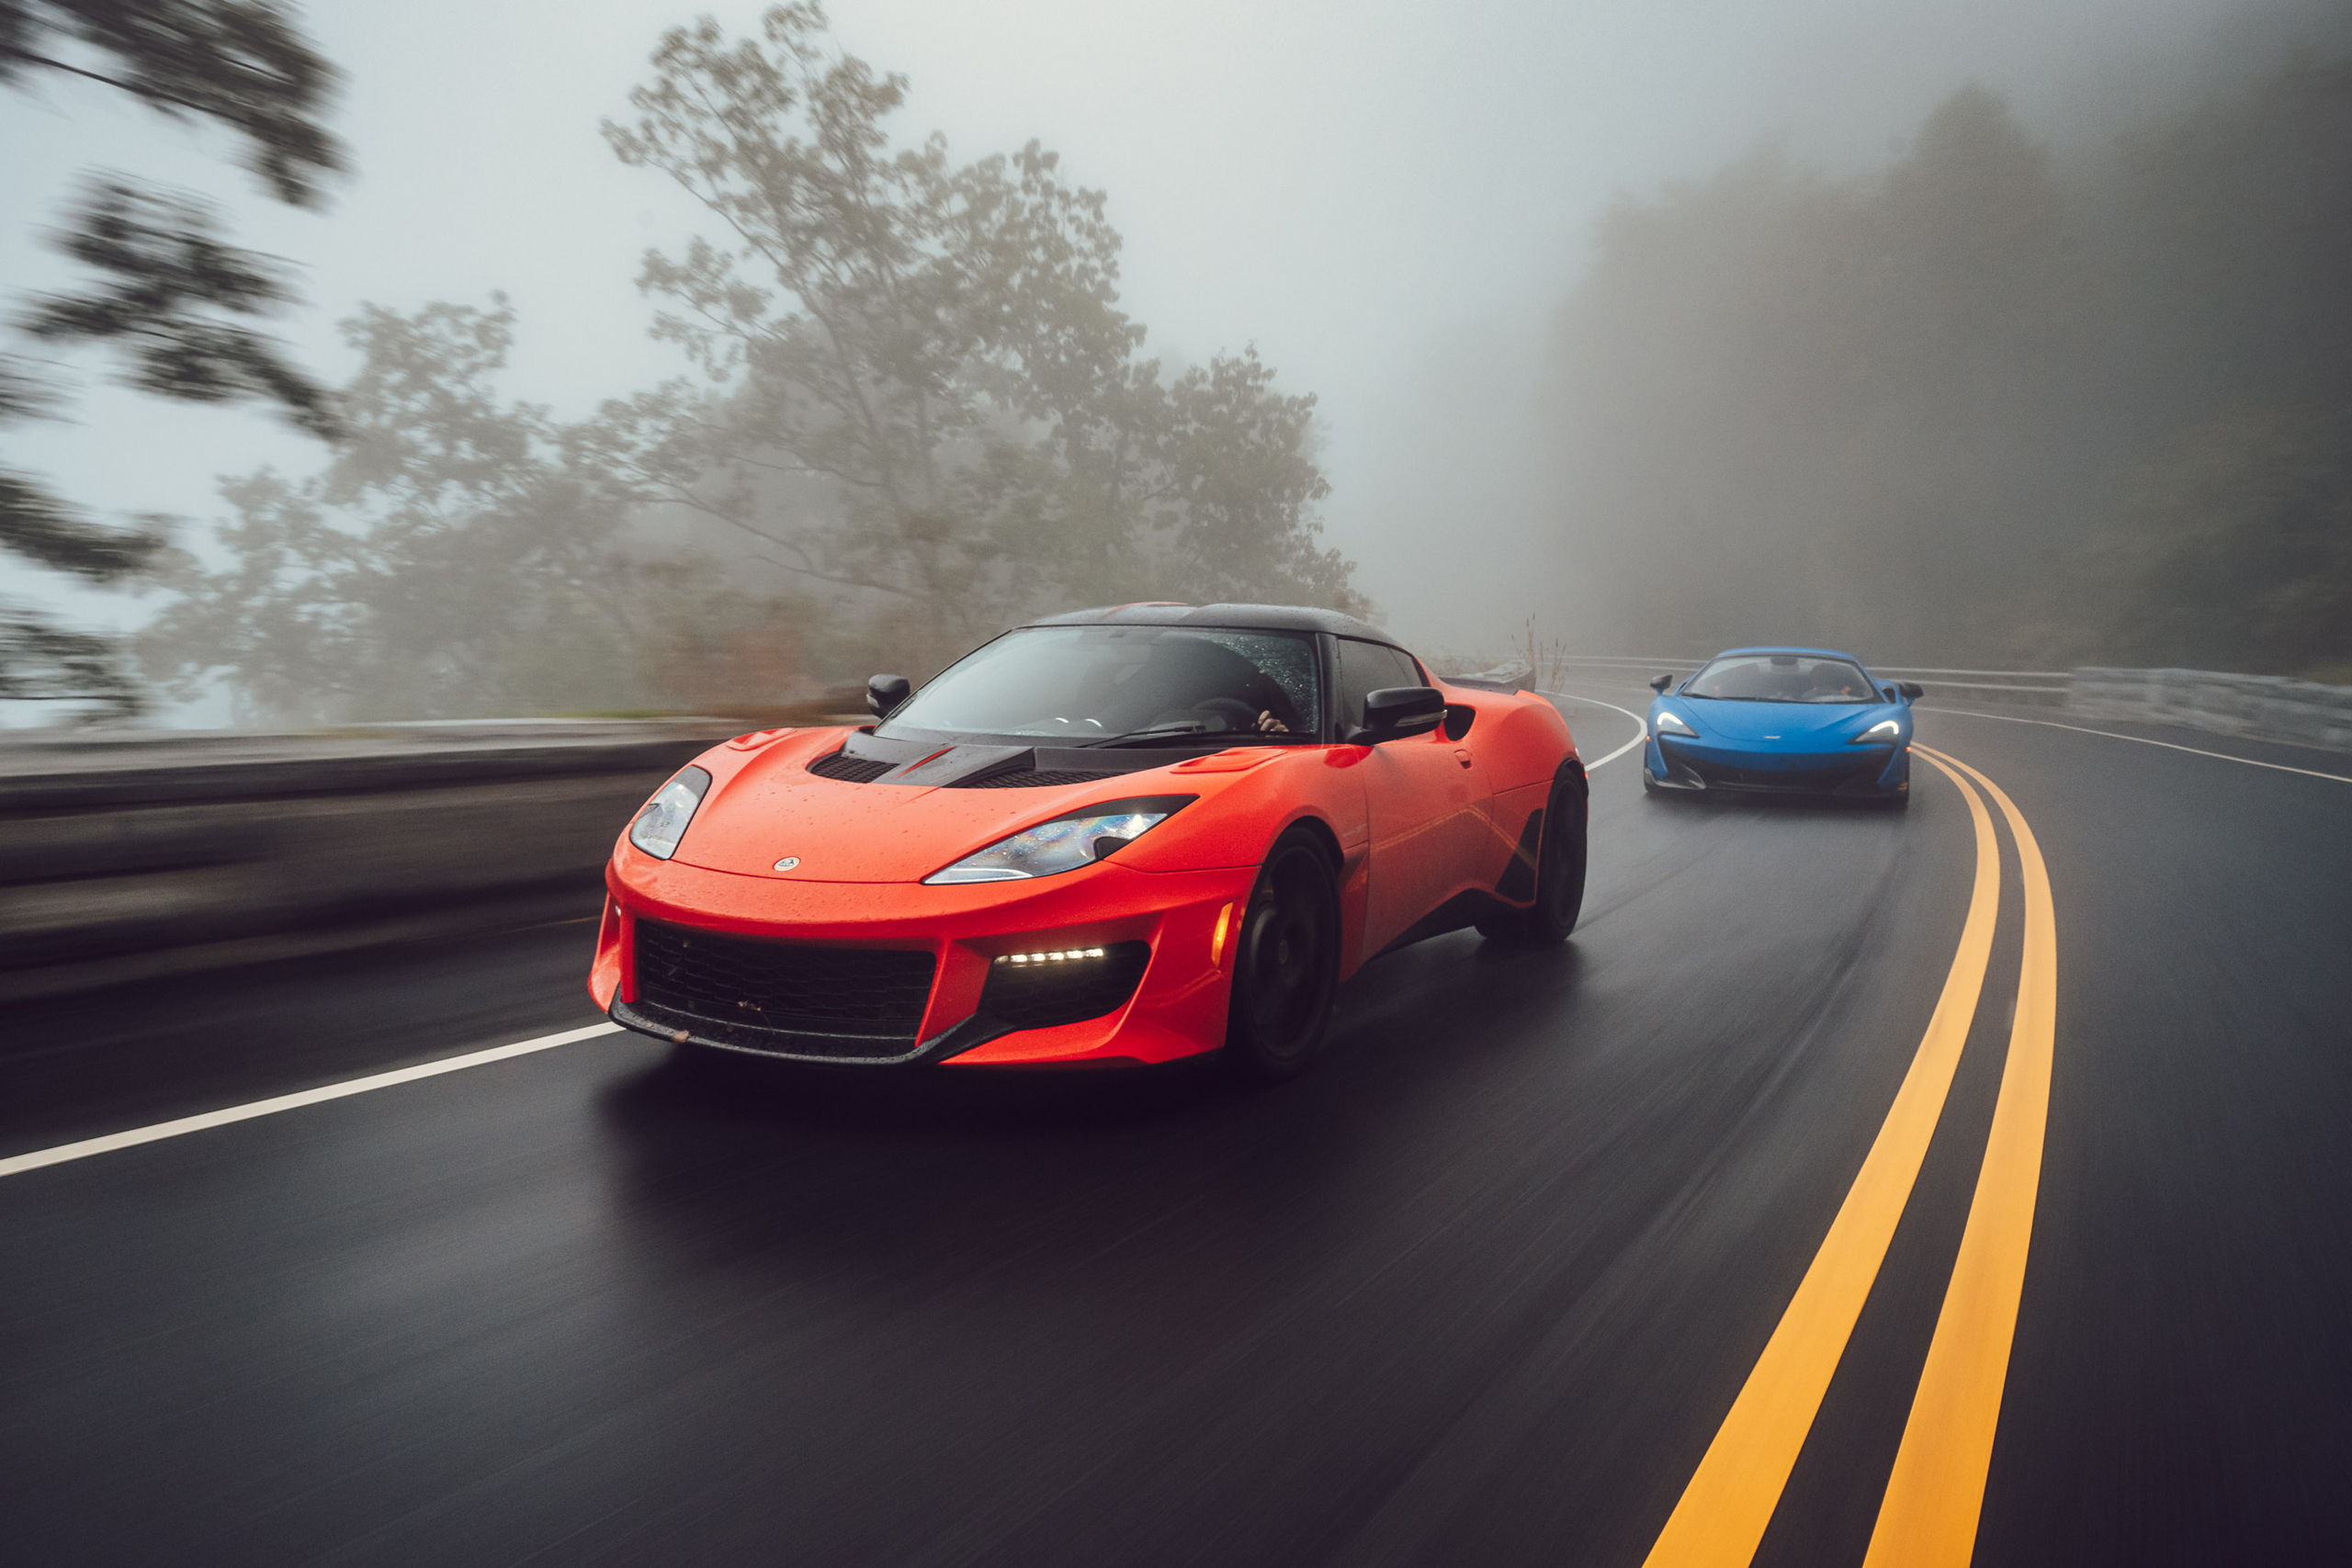 2020 Lotus Evora GT and McLaren 675LT